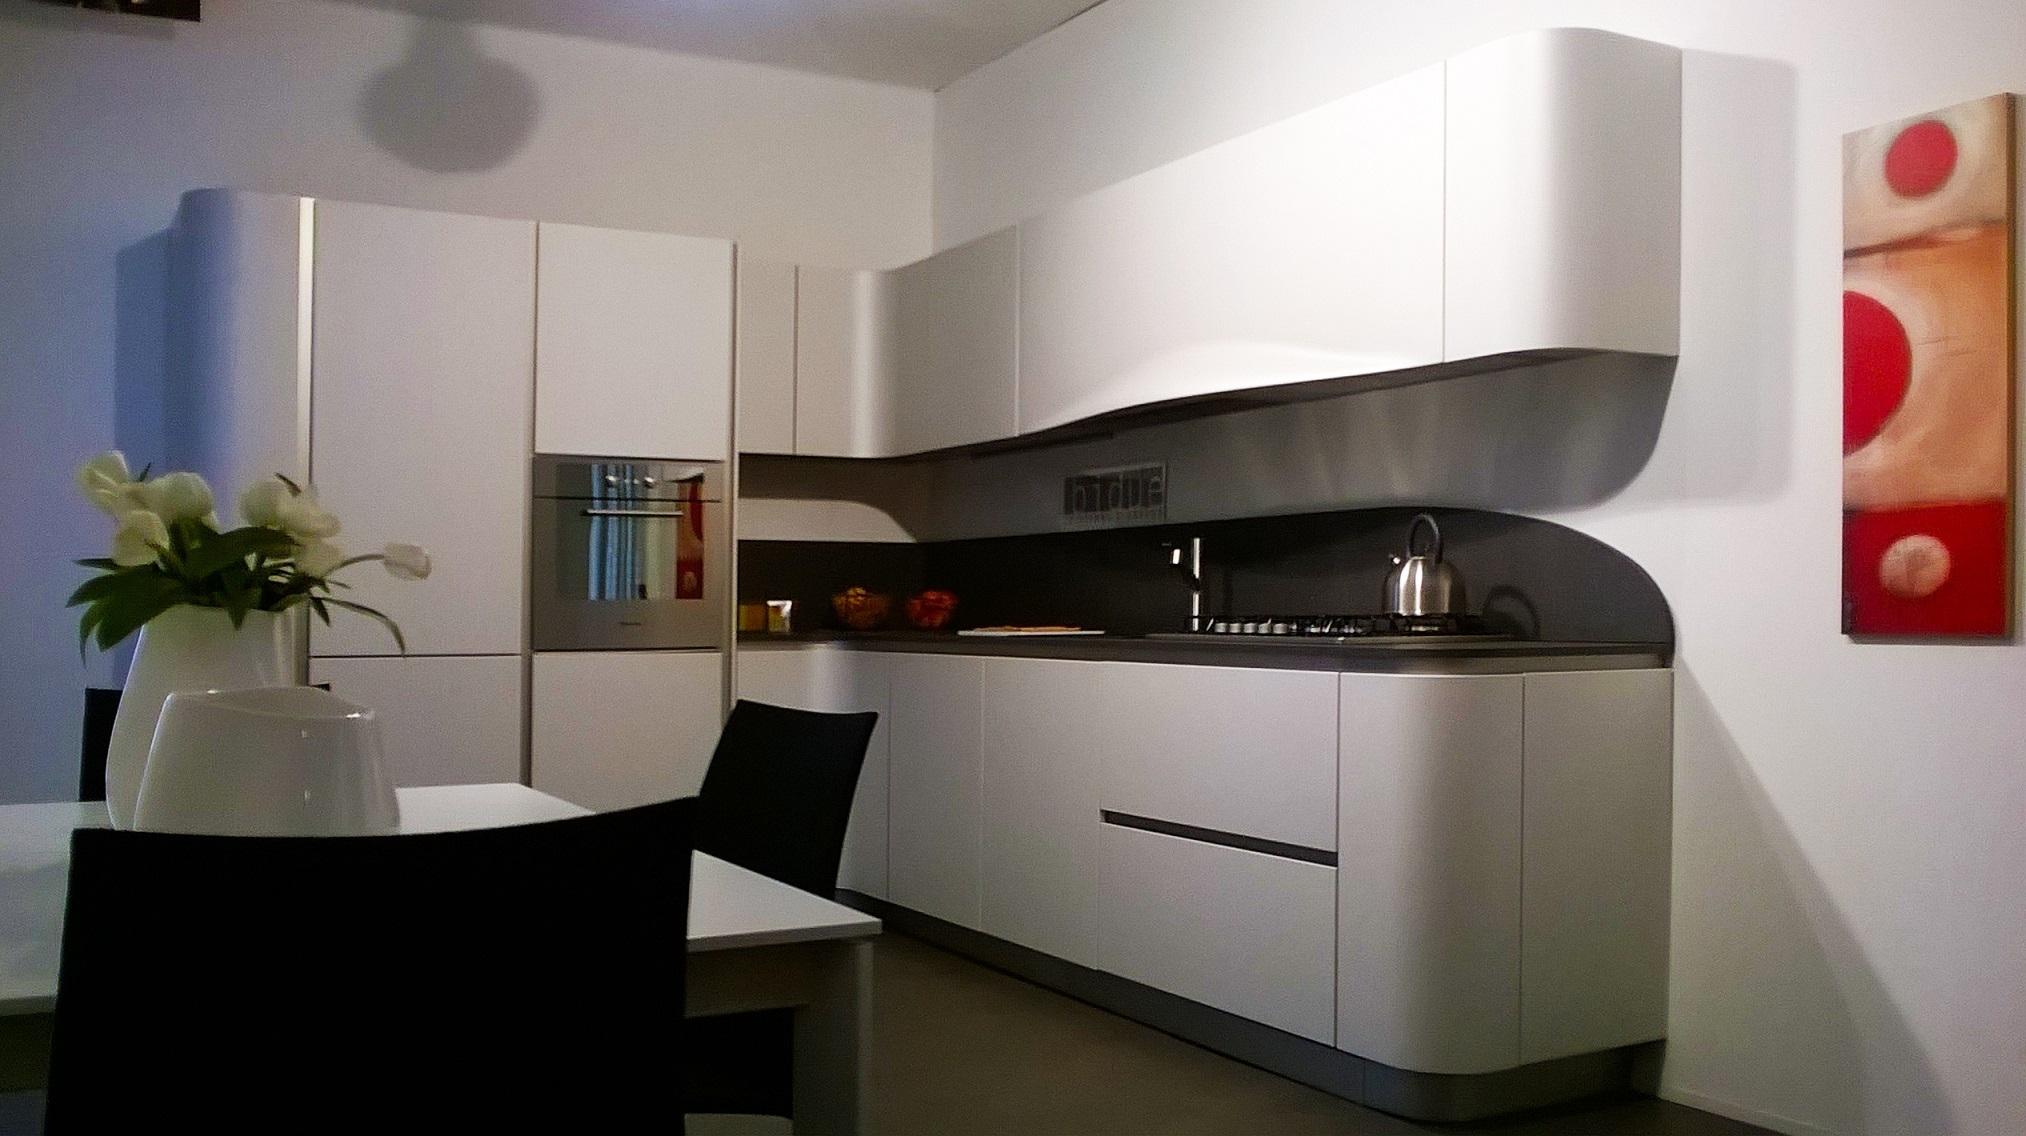 Cucina ola 2 0 cucine a prezzi scontati - Cucina snaidero ola ...